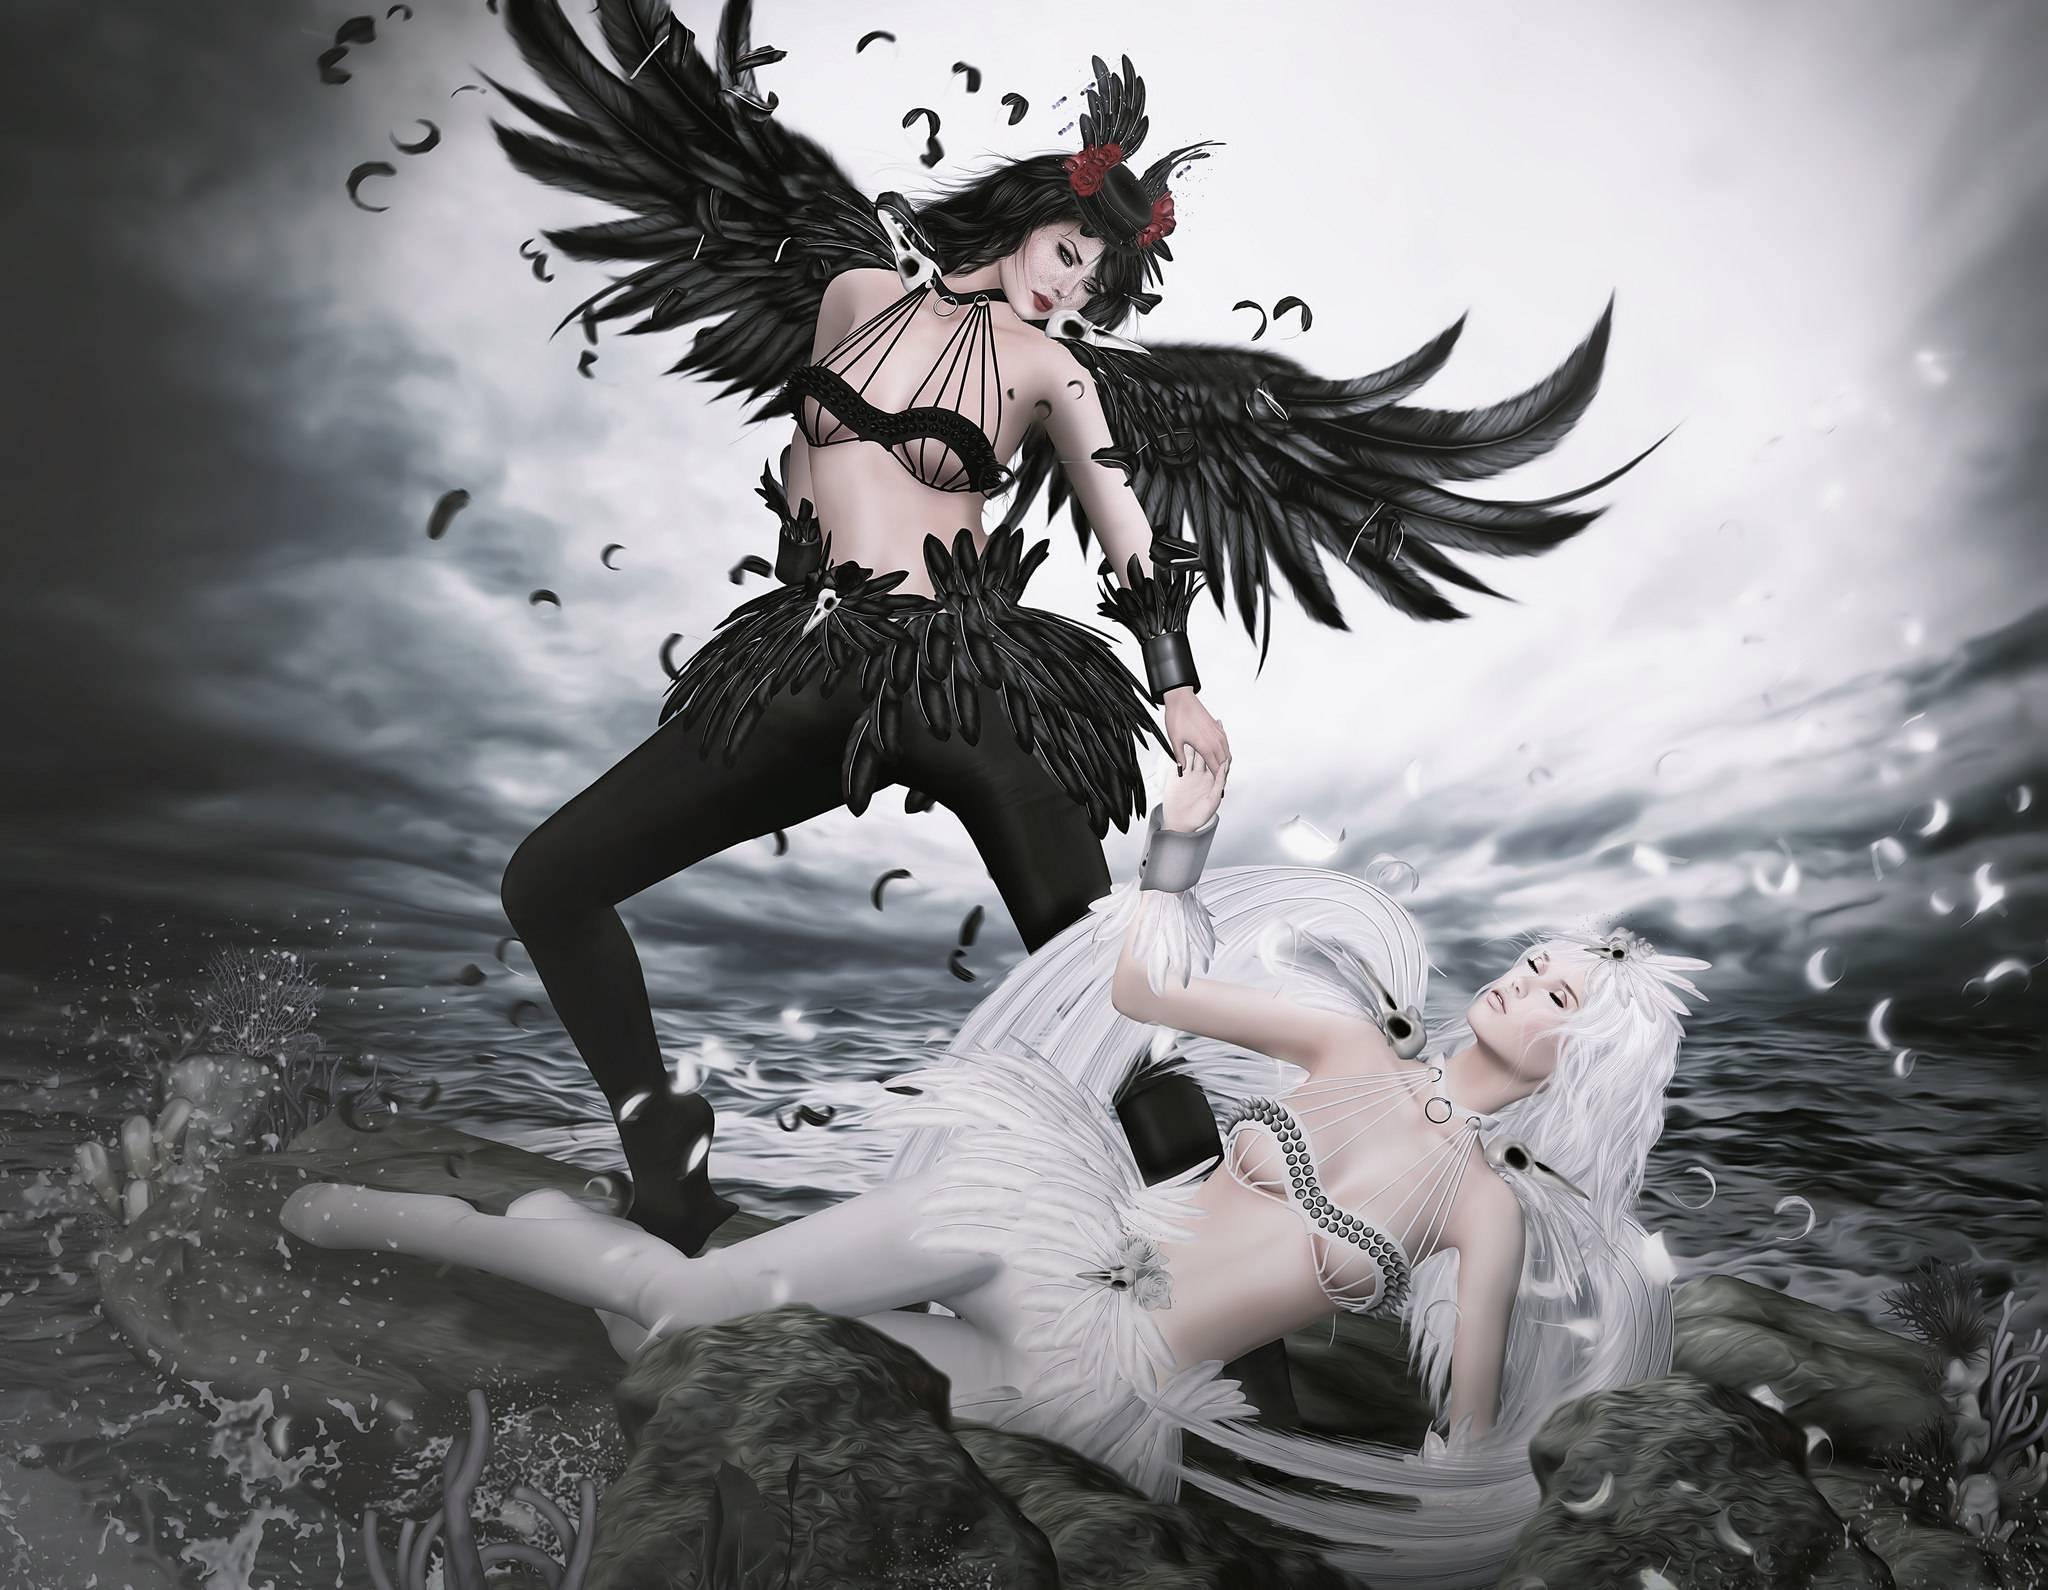 фантастическая девушка, девушка, ангелы